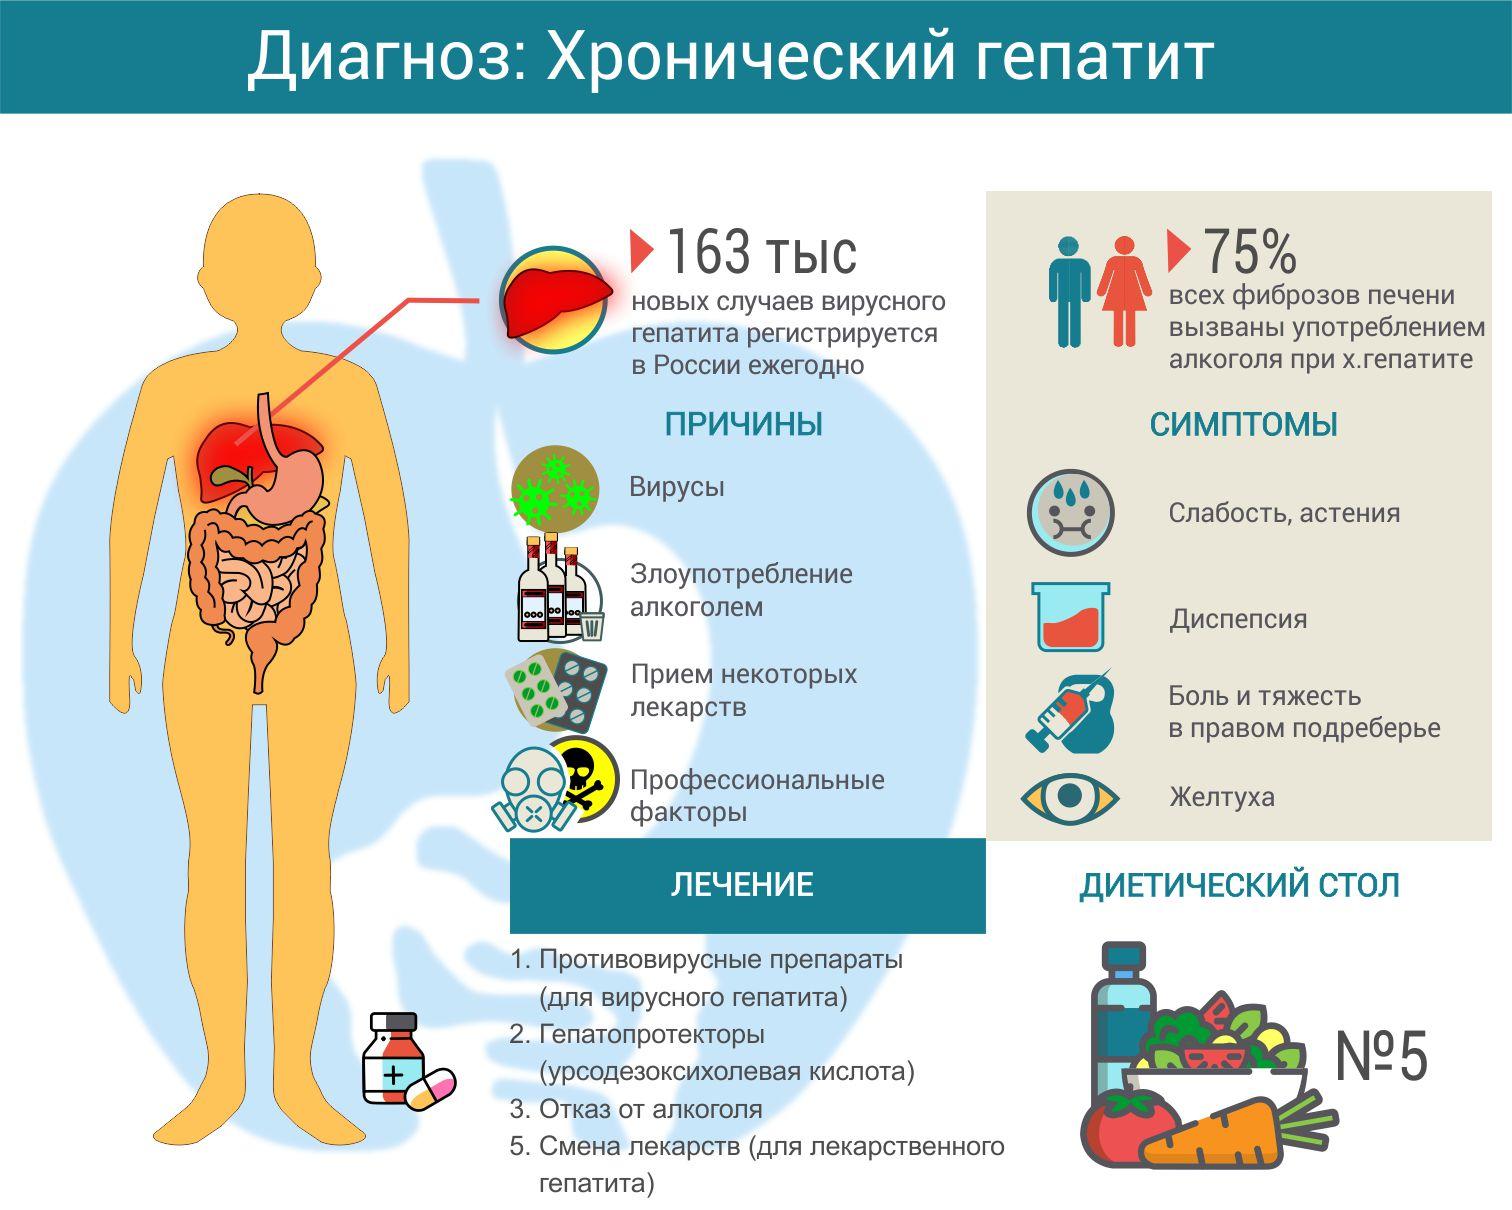 Как можно заболеть хроническим гепатитом С